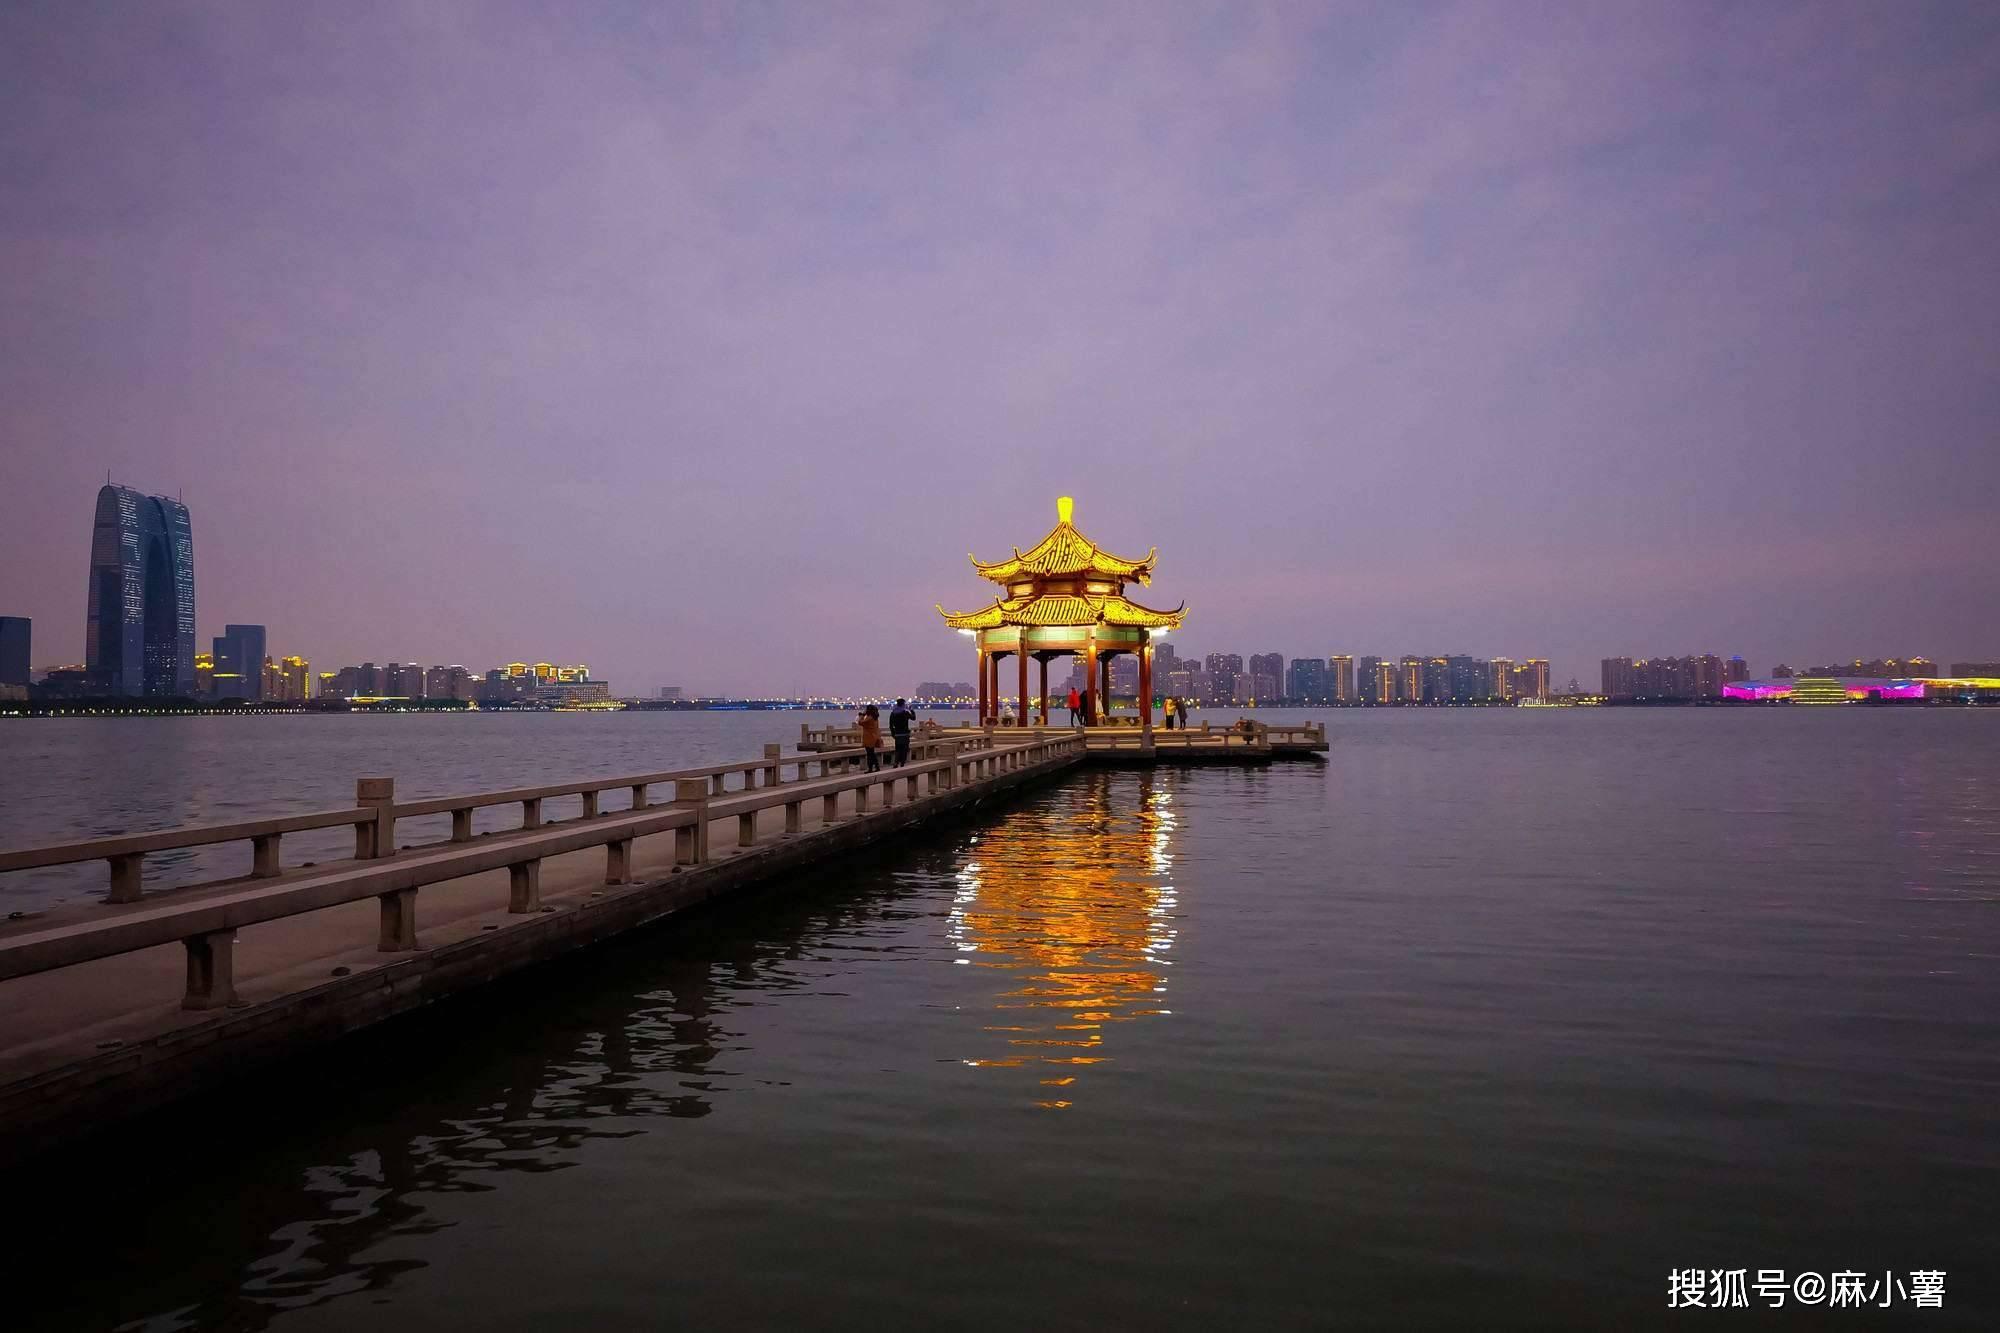 原创             江苏最适合养老的3座城市,成本低节奏慢,上海人都喜欢来这生活